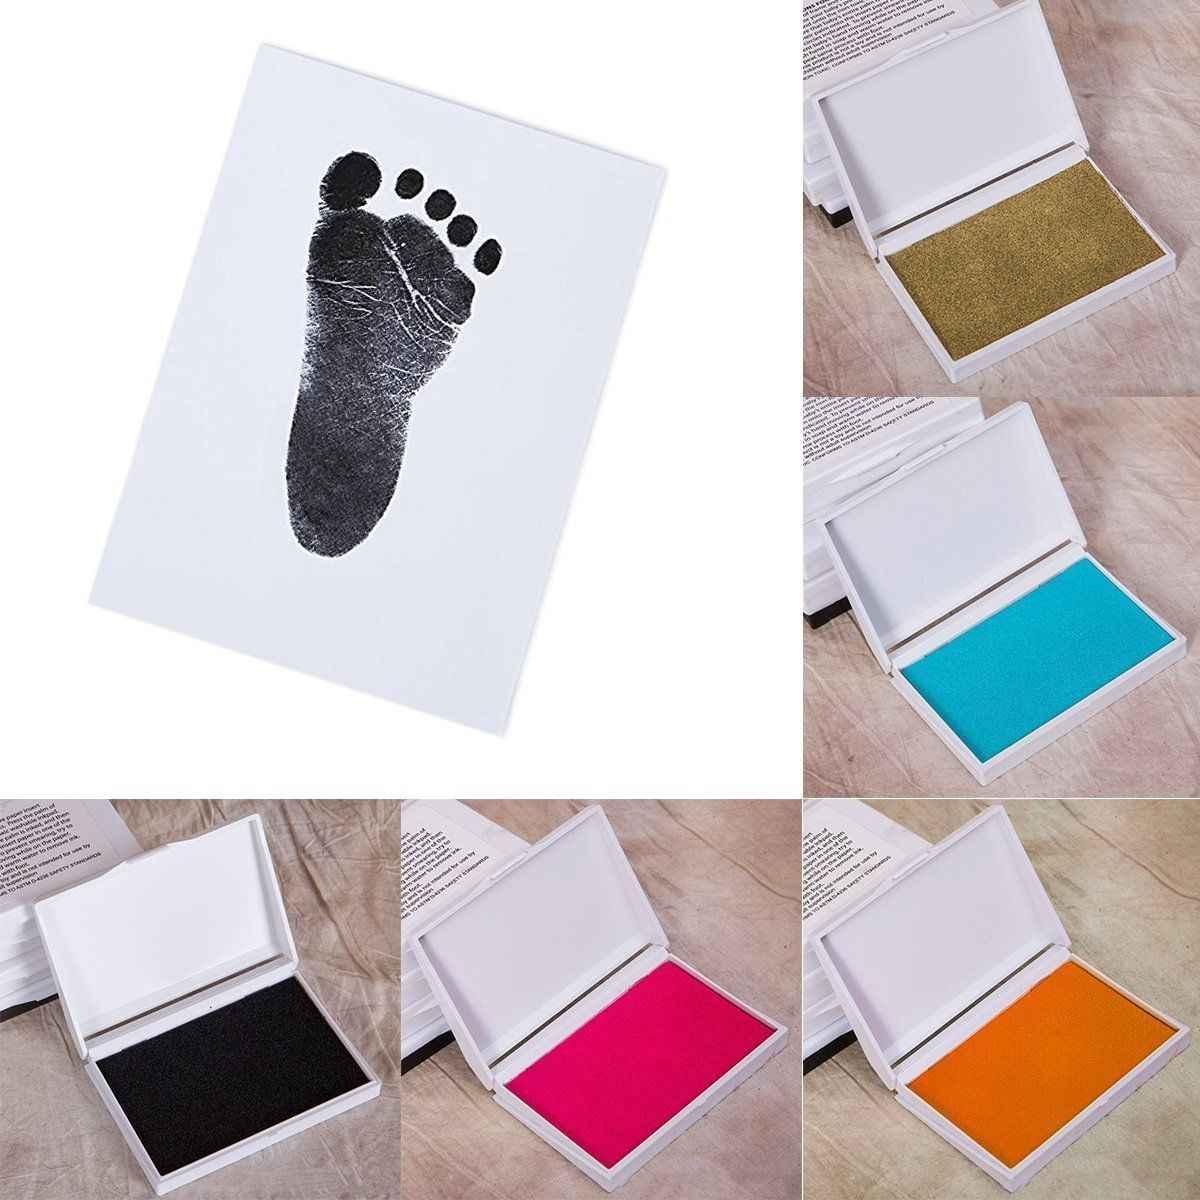 เด็กปลอดภัยพิมพ์หมึก Pad Hand Footprint ผู้ผลิตรอยเท้า Handprint Kit Keepsake Maker ความทรงจำ DIY